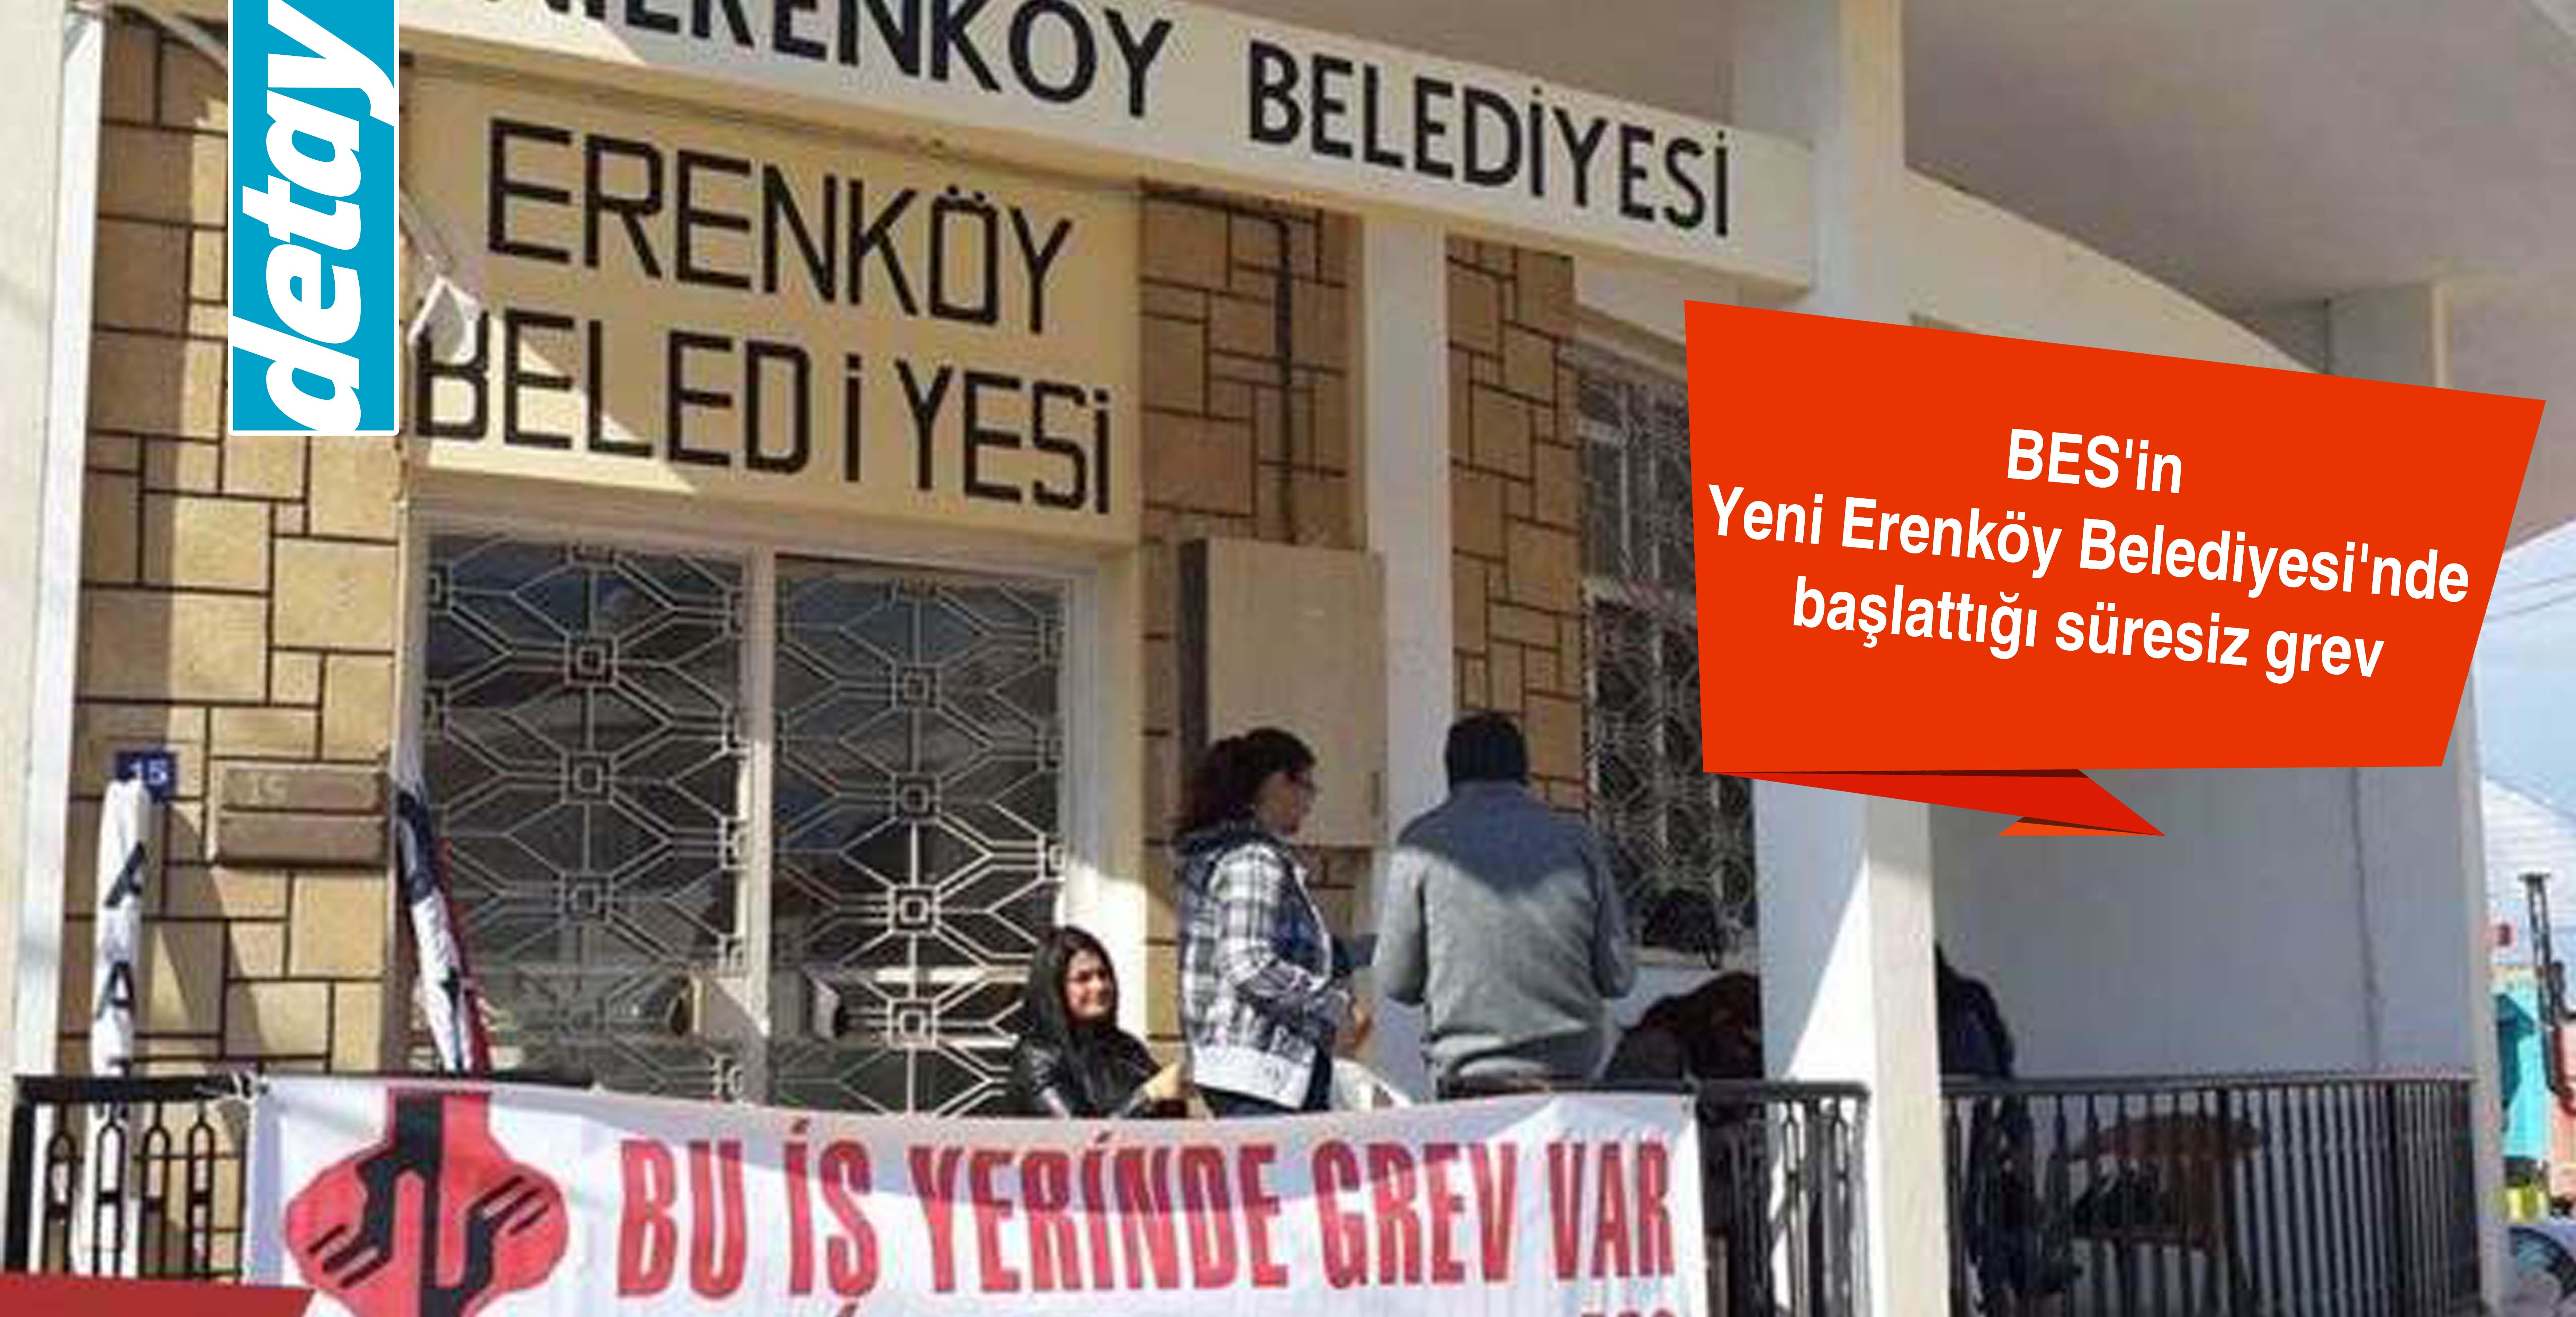 BES'in Yeni Erenköy Belediyesi'nde başlattığı süresiz grev